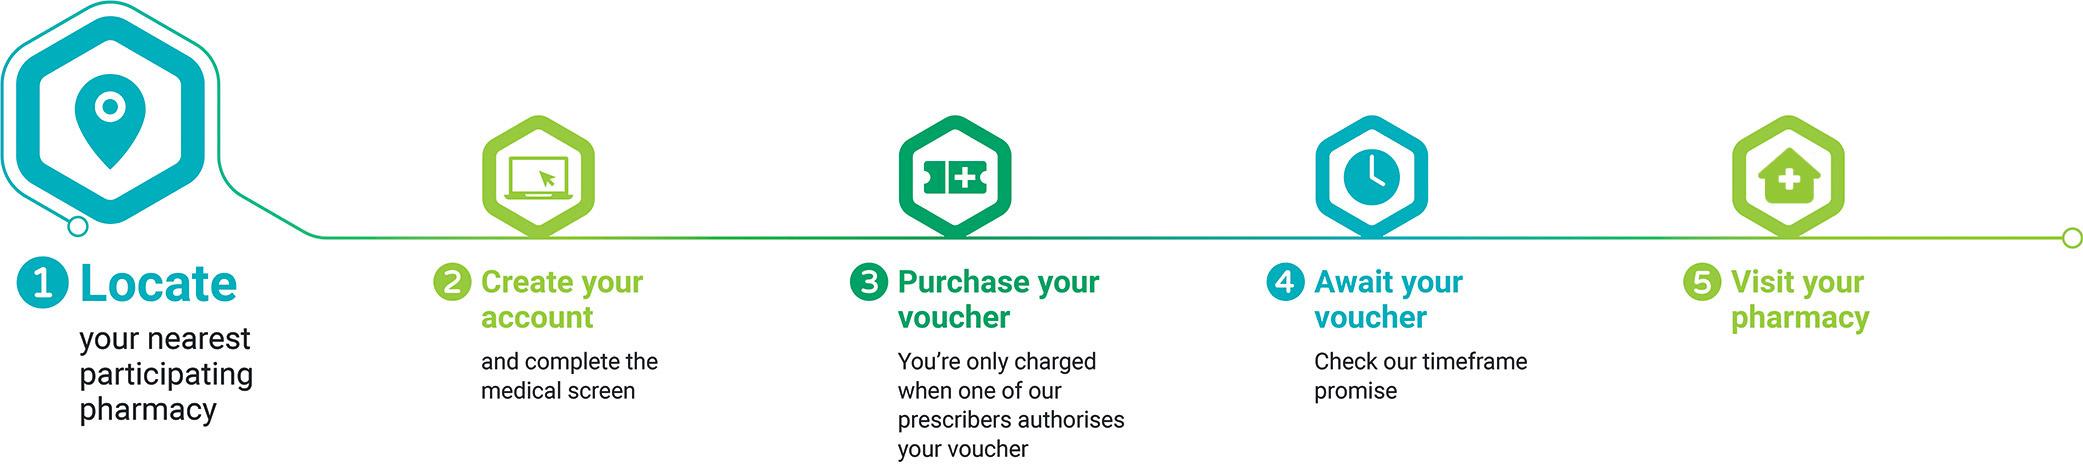 Find Your Nearest VitaJab Pharmacy